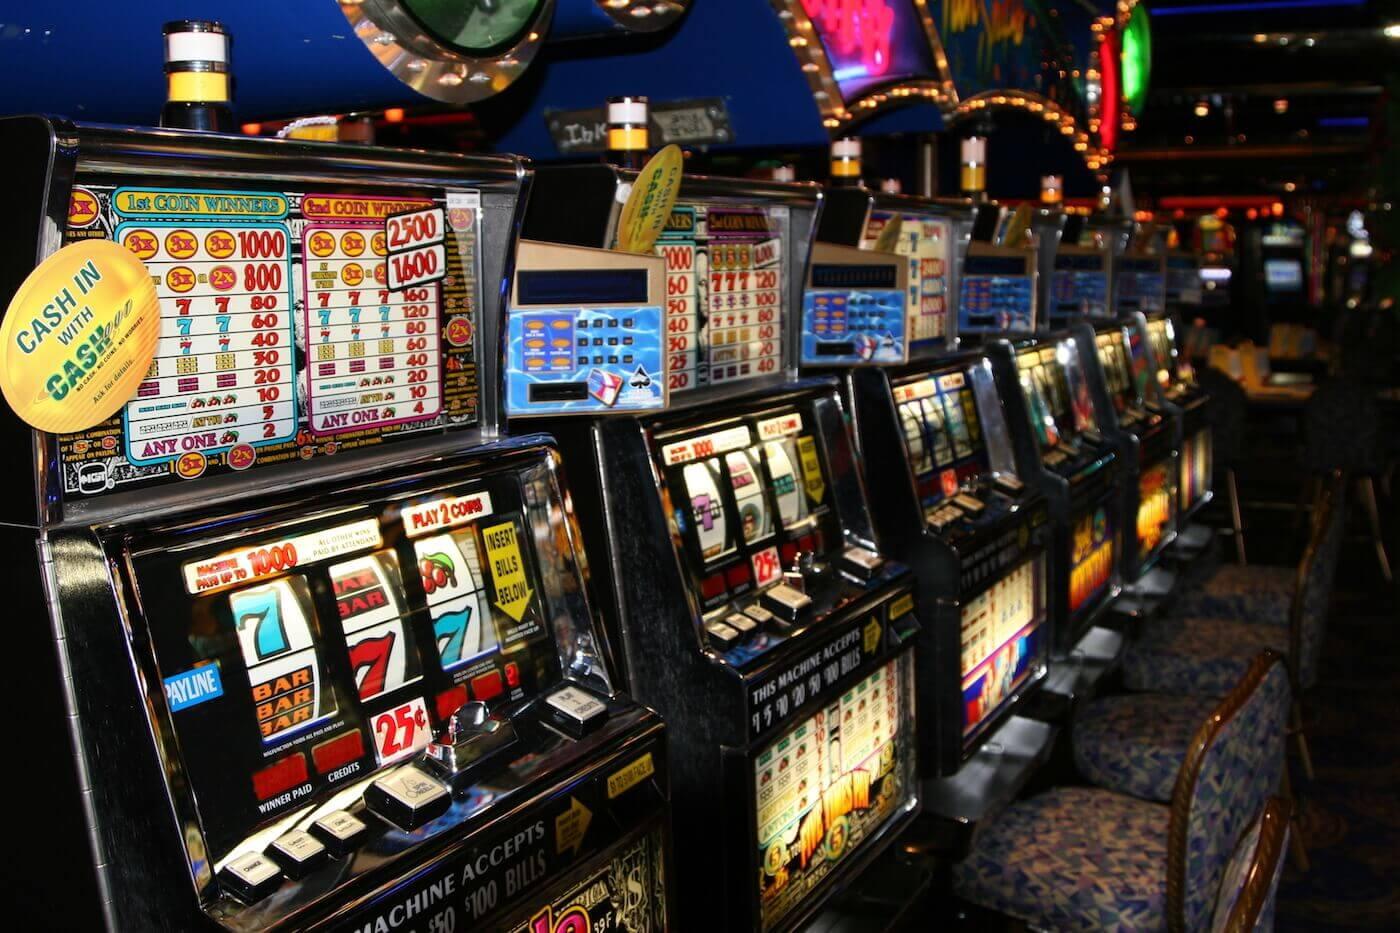 Spielhallen programmierung Risiko 694476